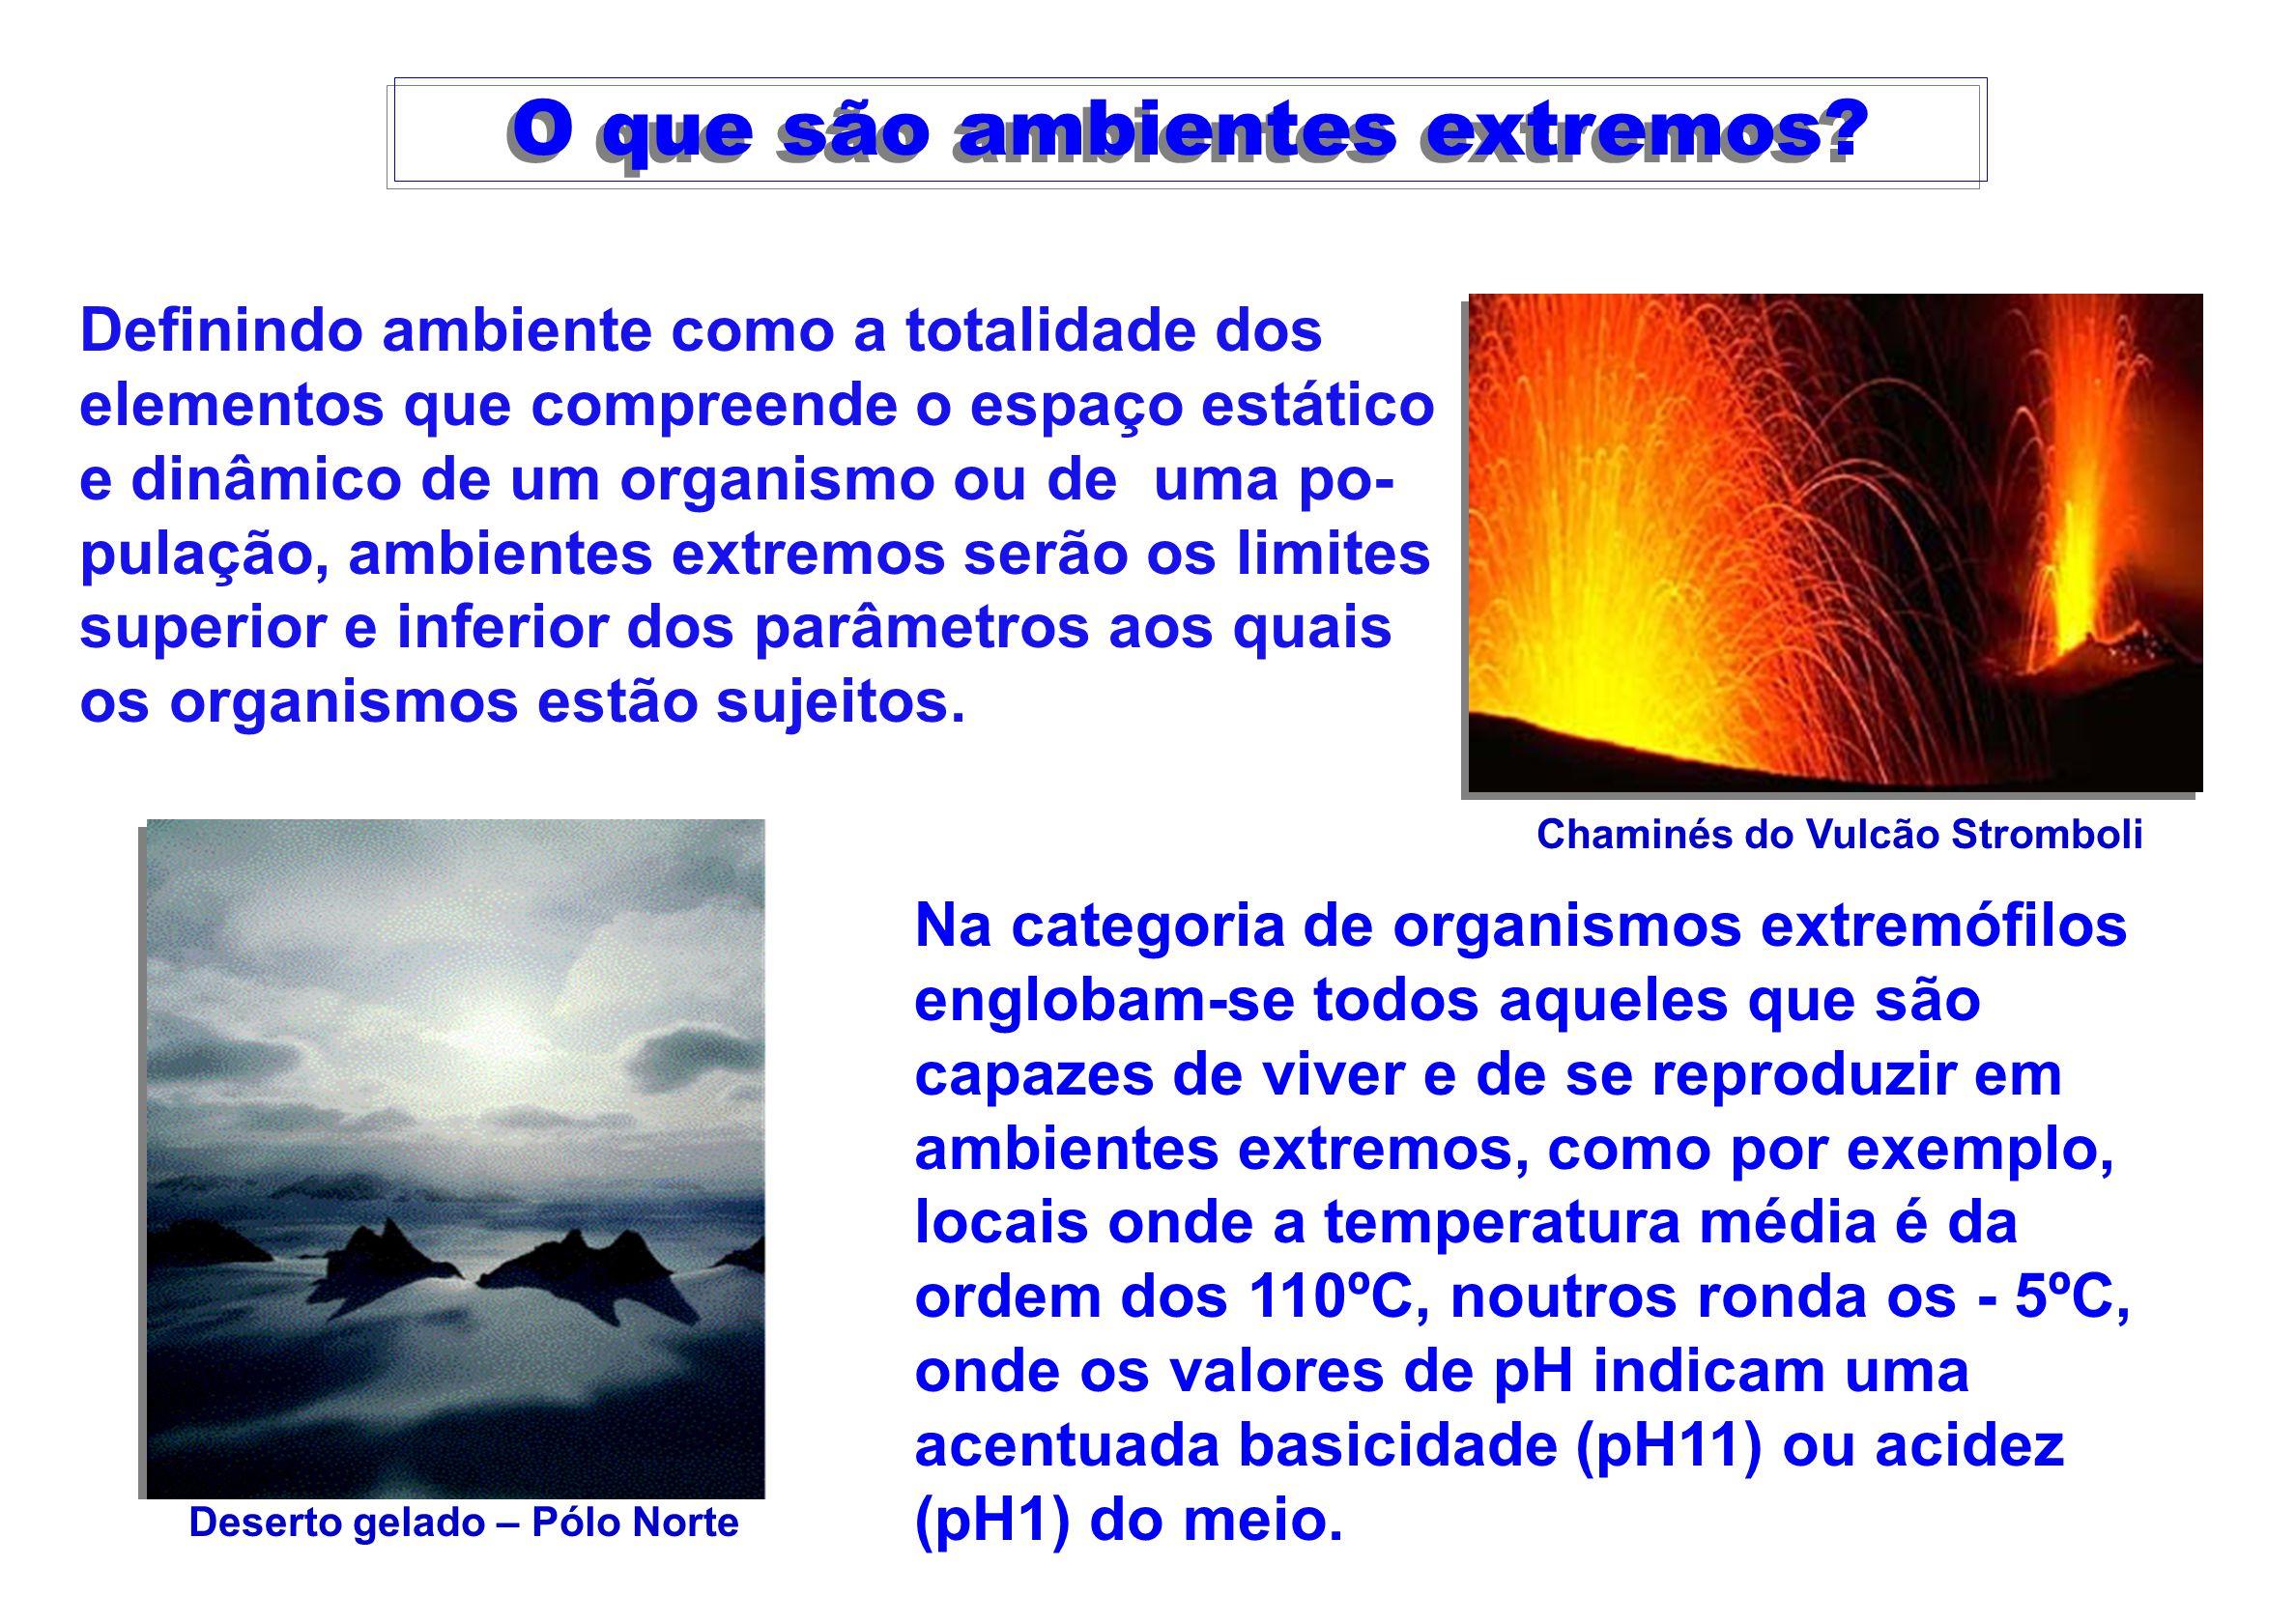 O que são ambientes extremos? Definindo ambiente como a totalidade dos elementos que compreende o espaço estático e dinâmico de um organismo ou de uma